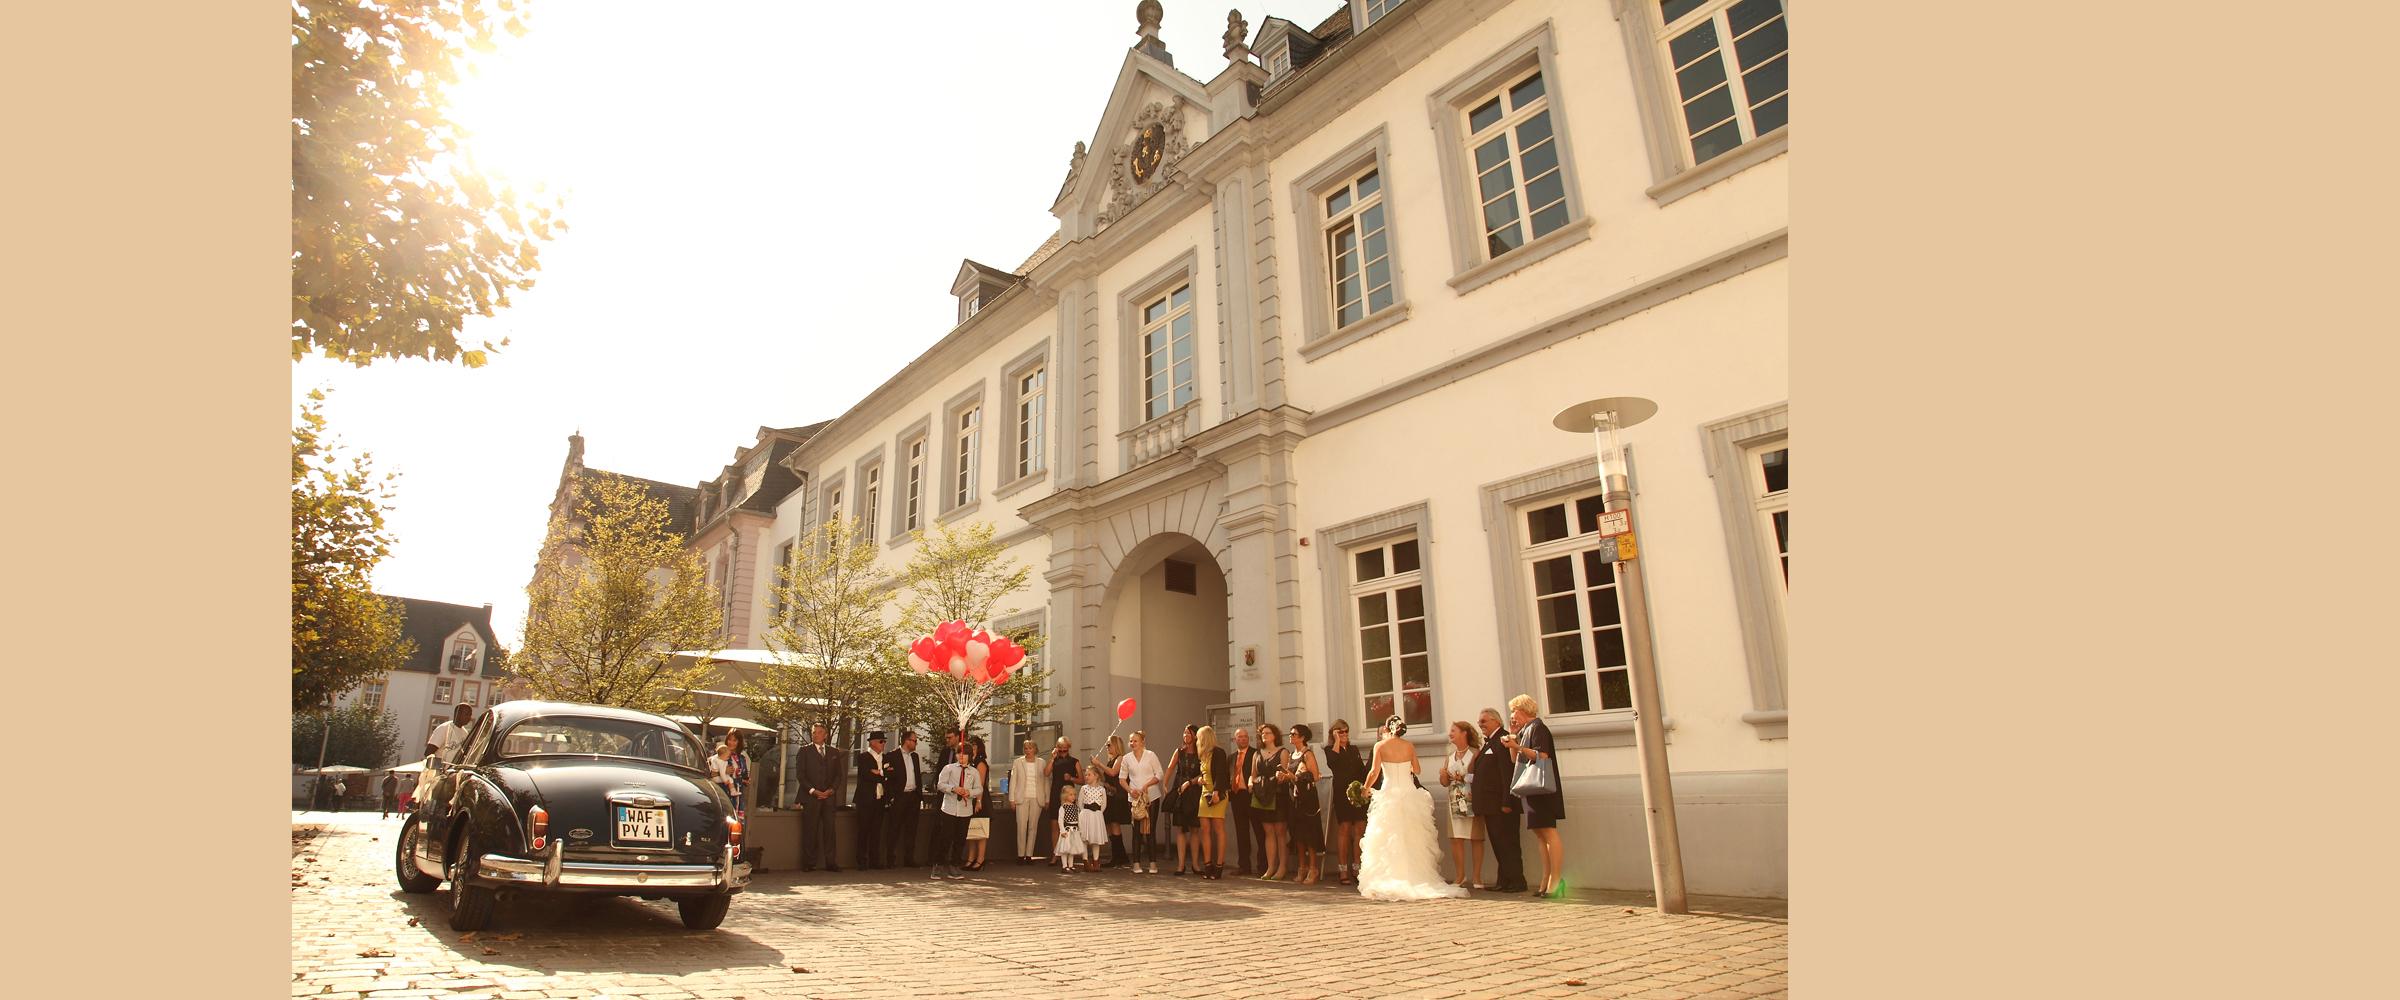 Hochzeitsportrait einer Menschenmenge mit Luftballons (Hochzeitsgesellschaft) vor einem hohen Gebäude (Standesamt Trier, Turm Jerusalem), und die Braut, im weißen Kleid, posiert für Hochzeitsfotografie in Rückenansicht mittendrin.